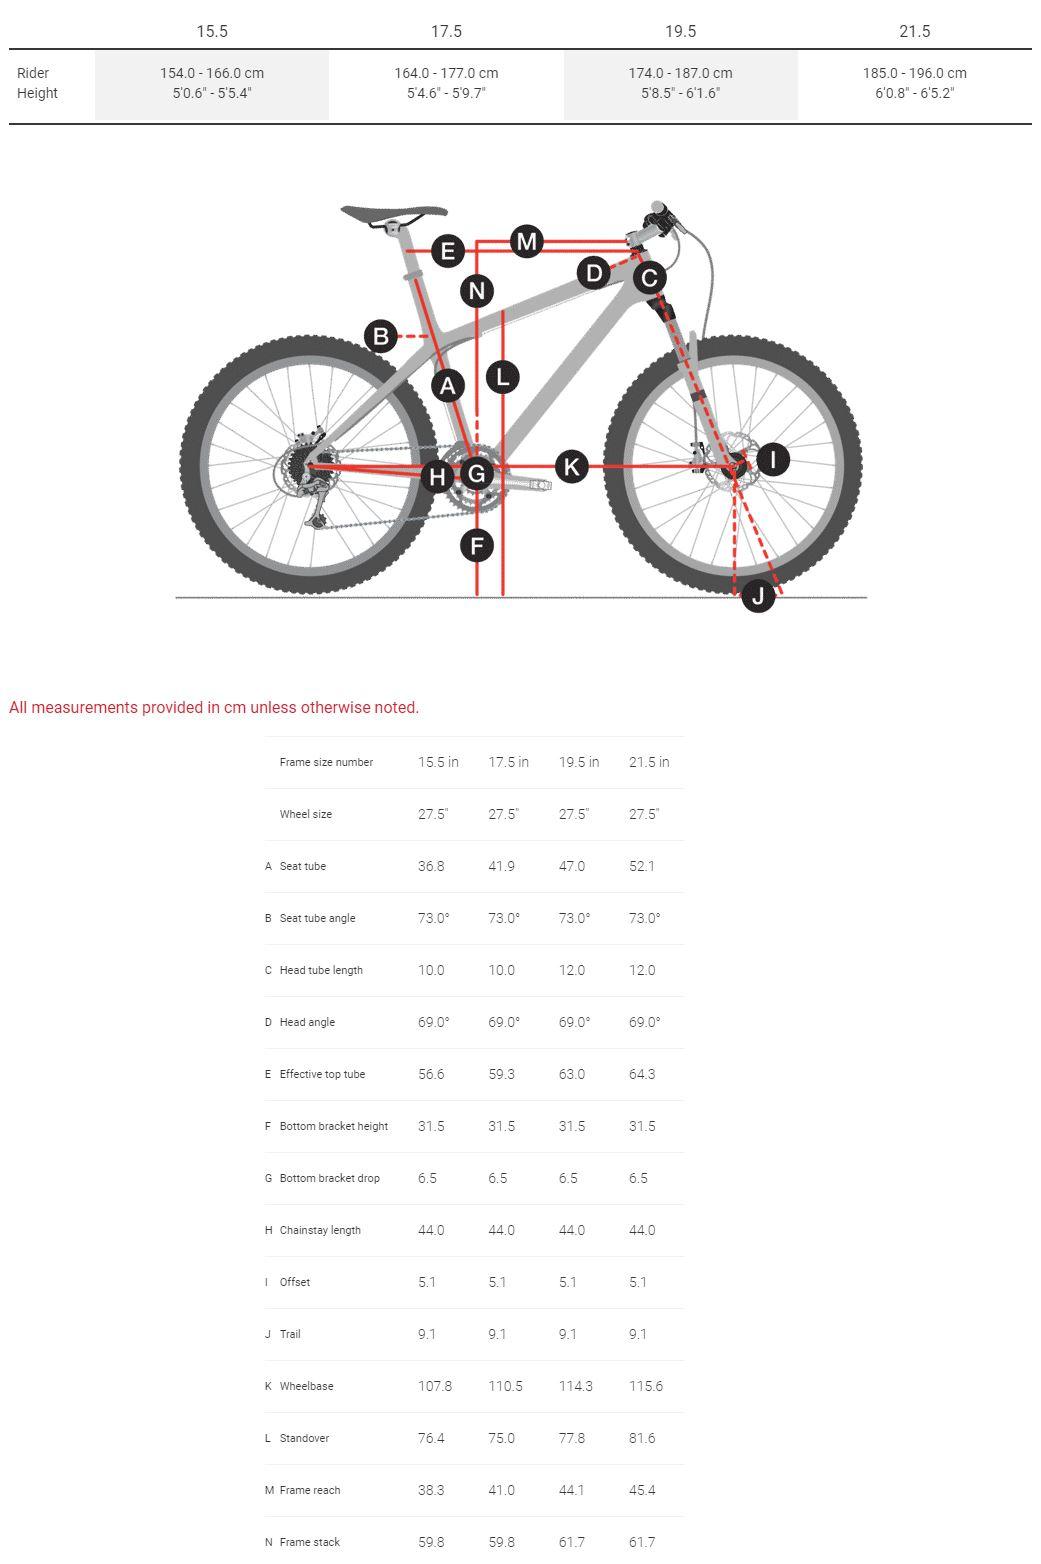 Trek Farley Geometry Chart